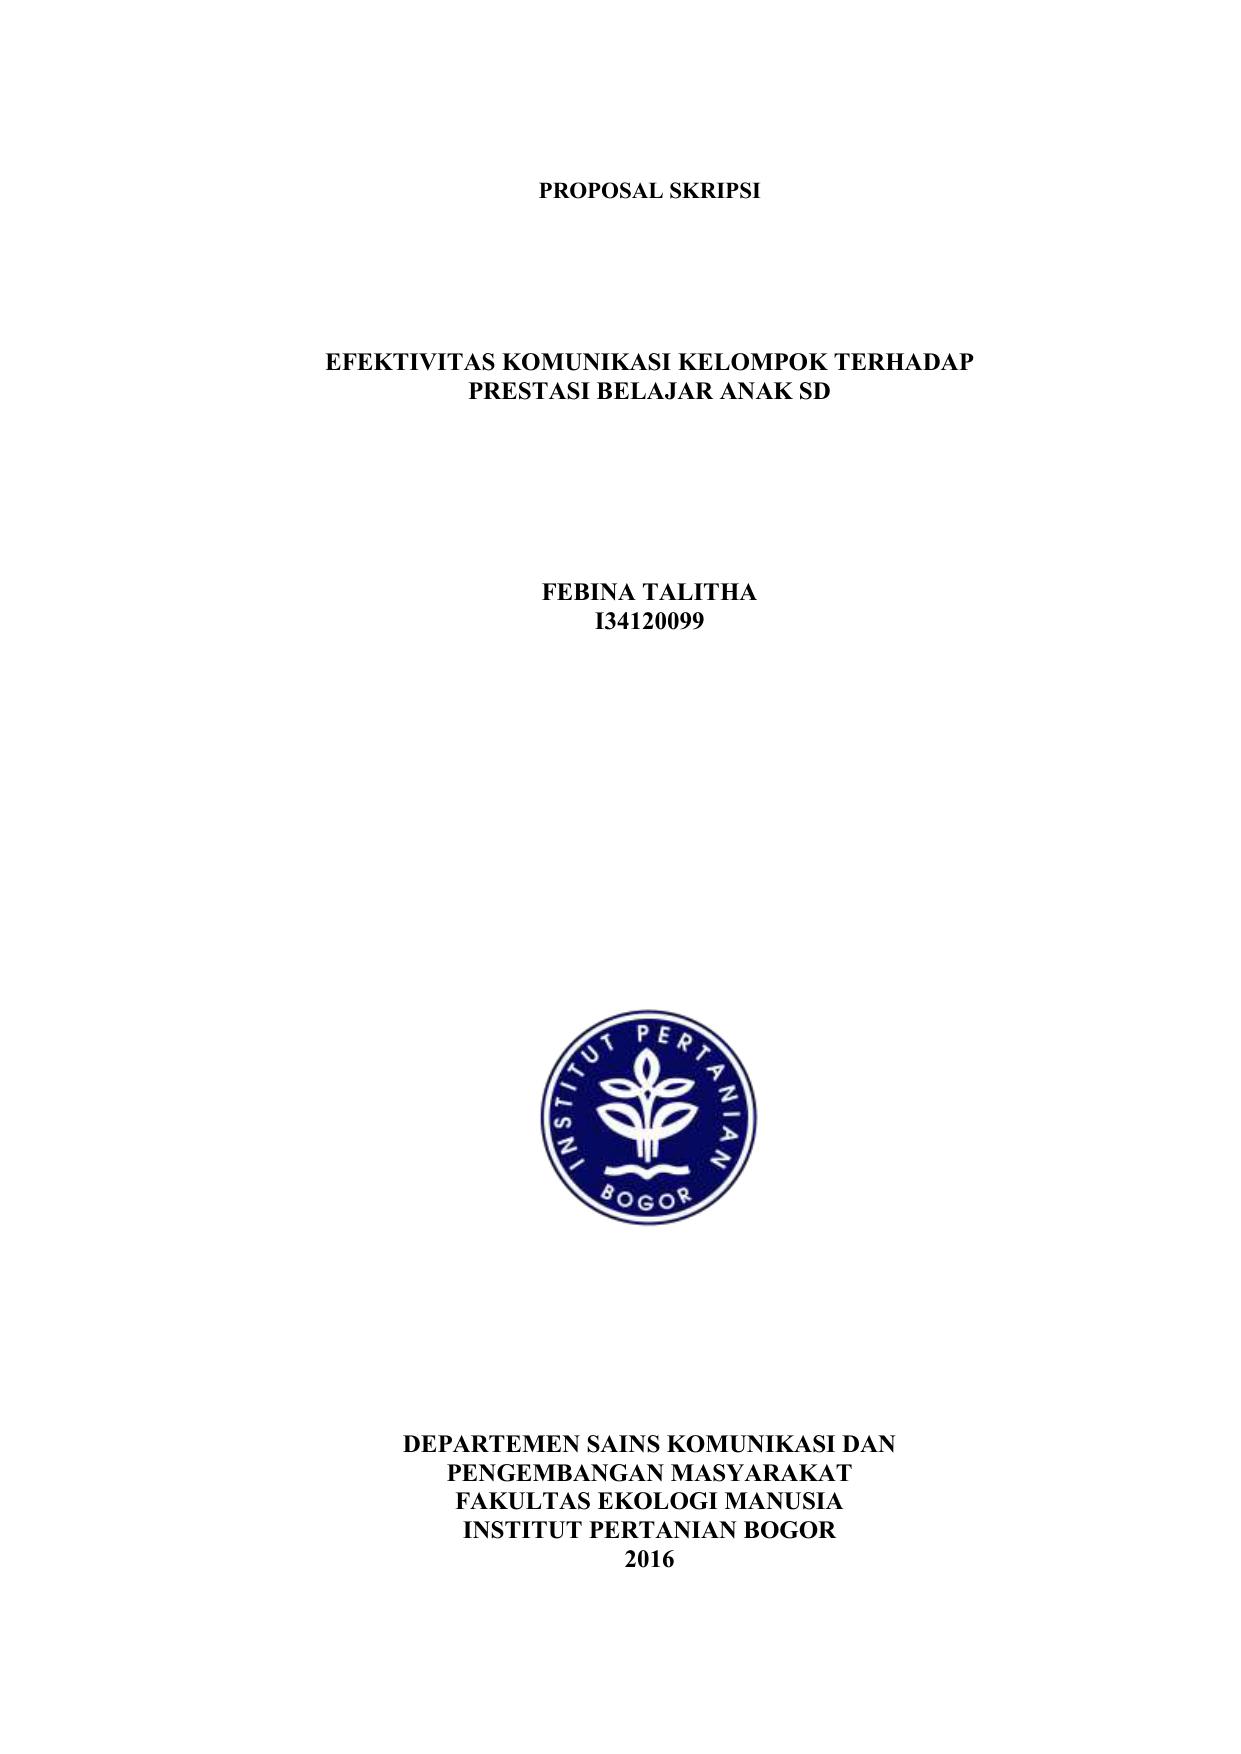 Proposal Skripsi Efektivitas Komunikasi Kelompok